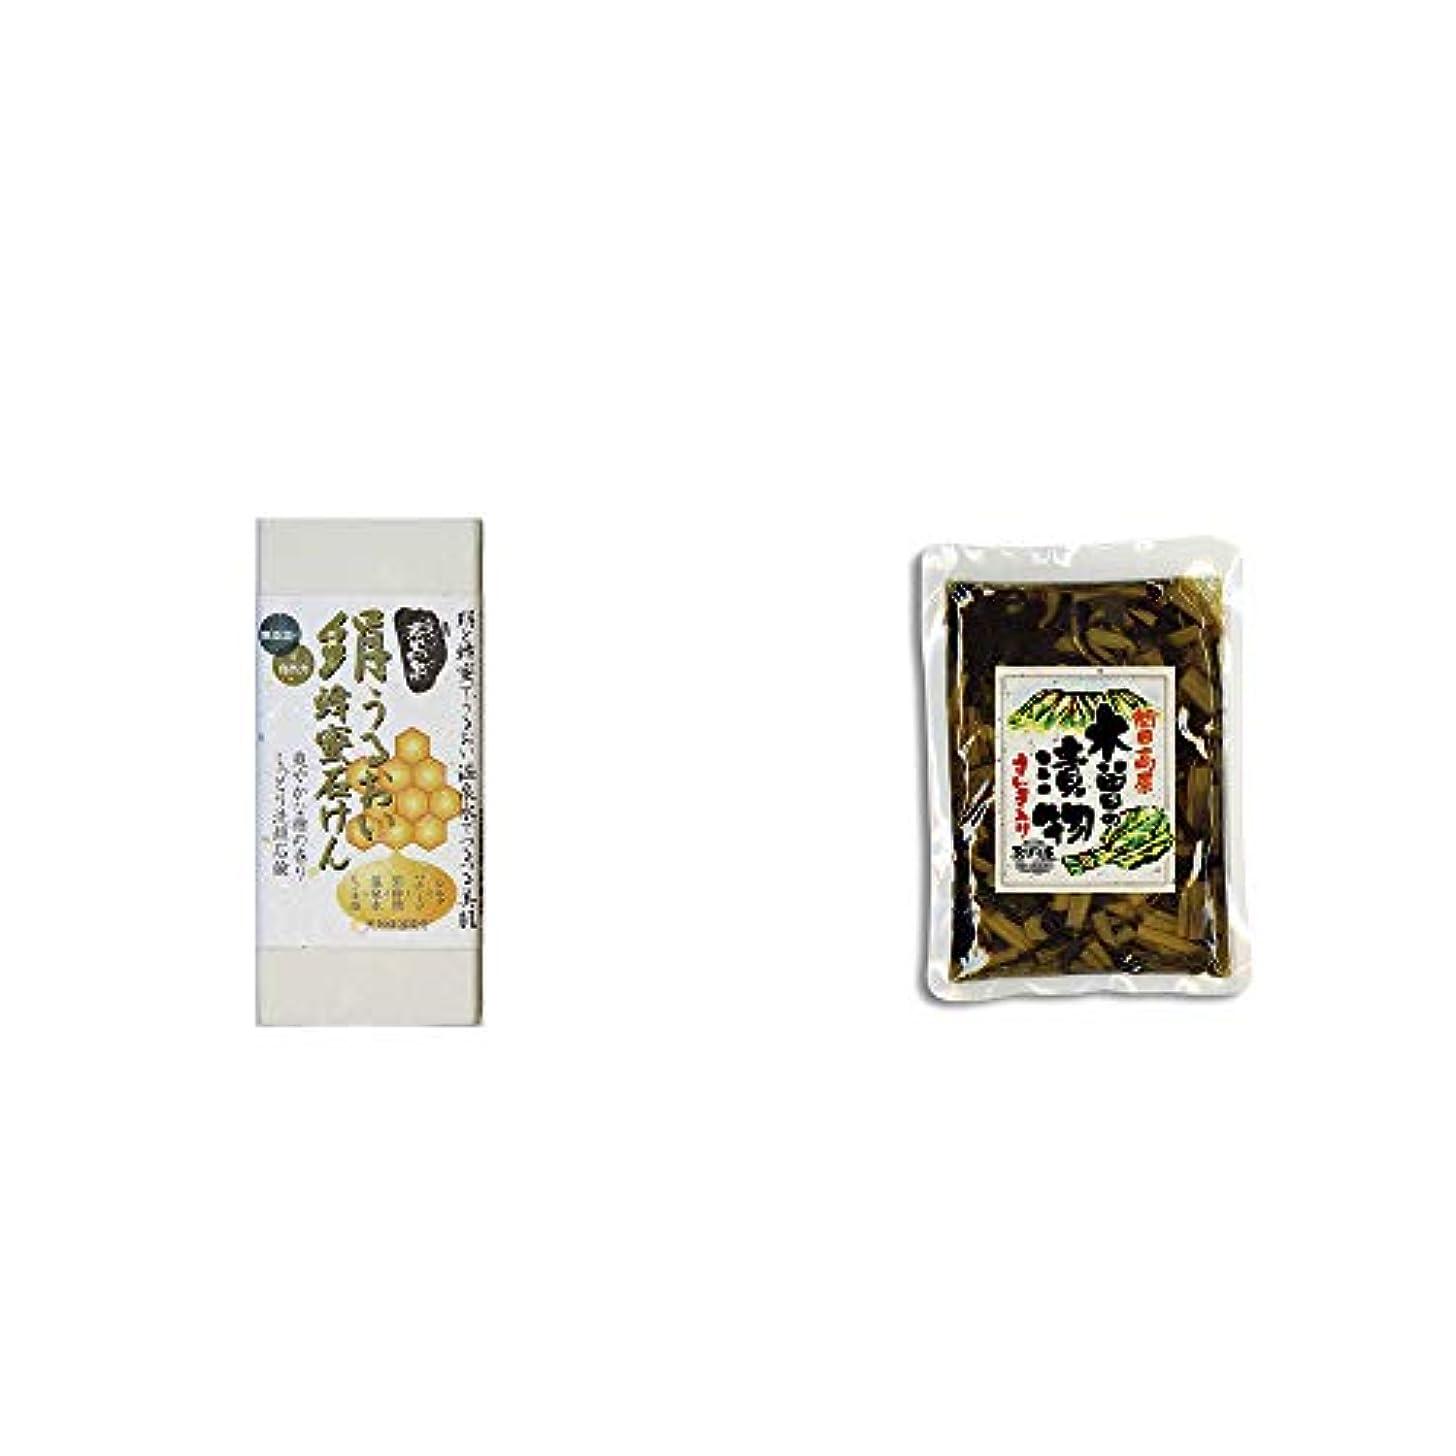 借りる可動式予約[2点セット] ひのき炭黒泉 絹うるおい蜂蜜石けん(75g×2)?【年中販売】木曽の漬物 すんき入り(200g) / すんき漬け味付加工品 //